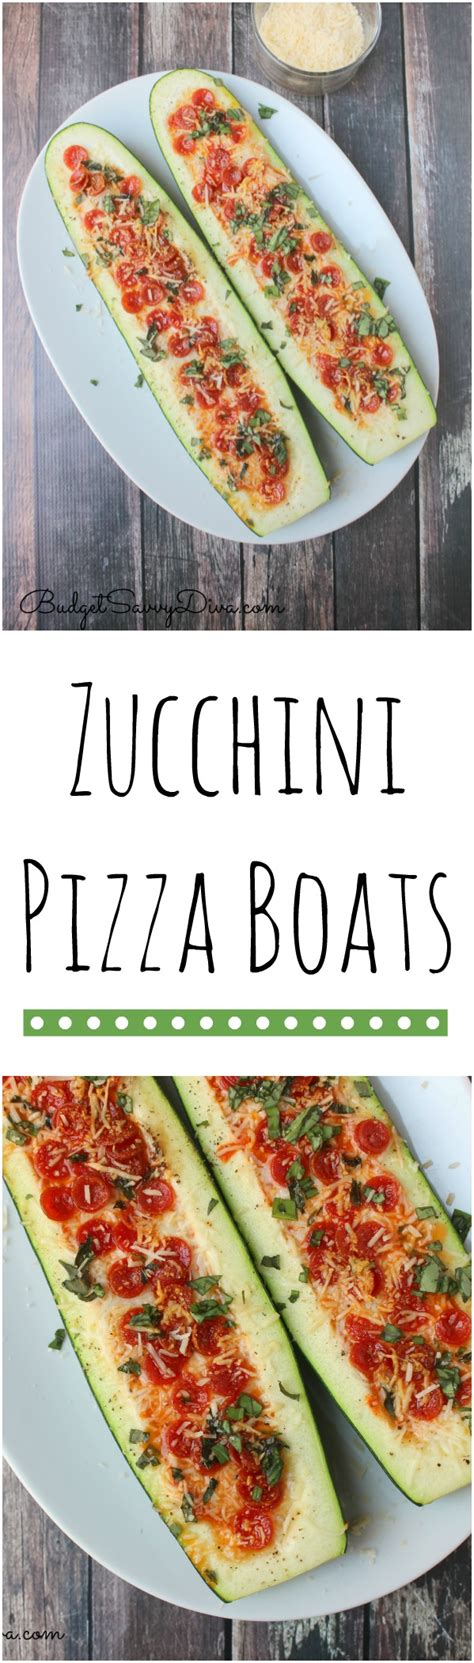 Recipe For Zucchini Pizza Boats by Zucchini Pizza Boats Recipe Budget Savvy